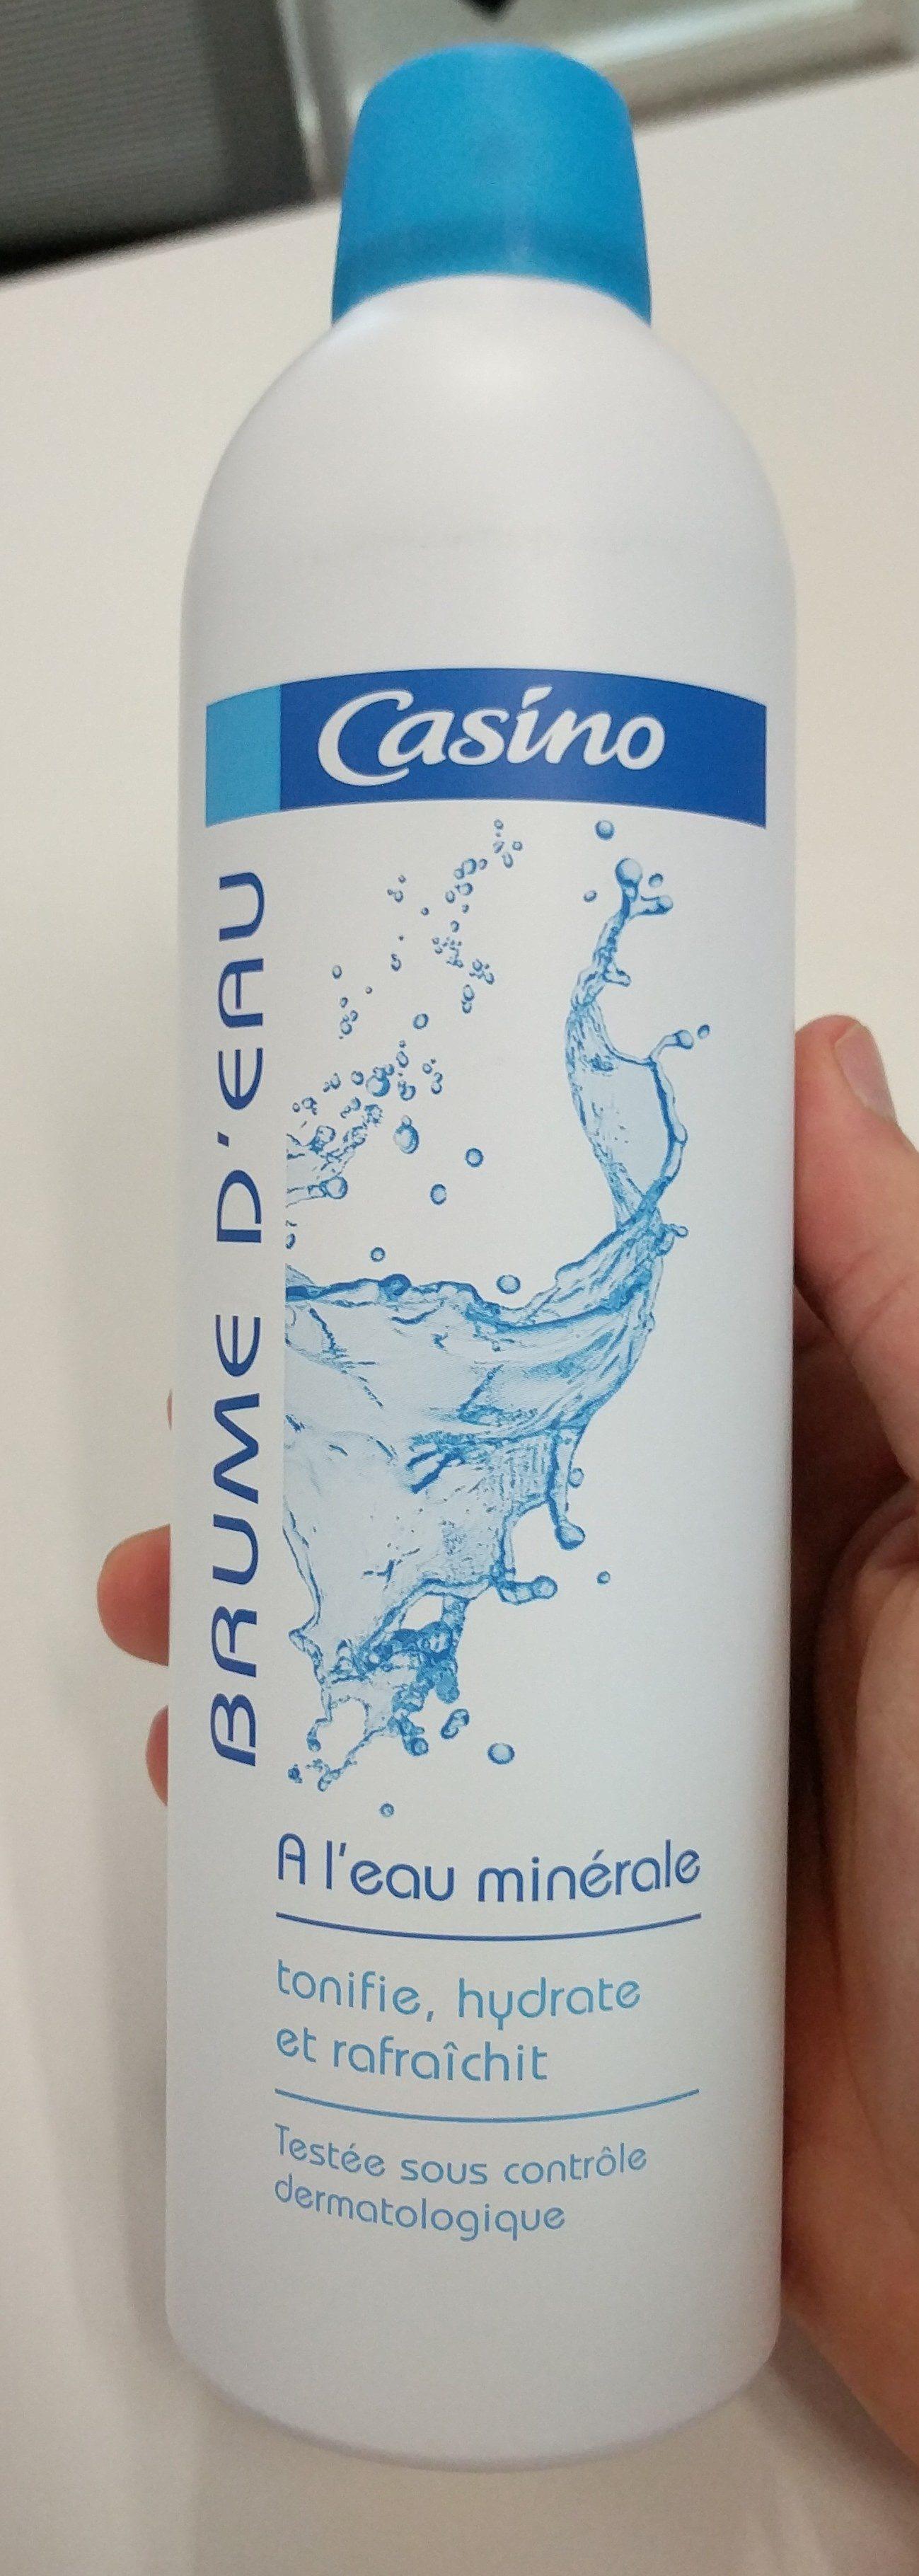 Brume d'eau - Product - en